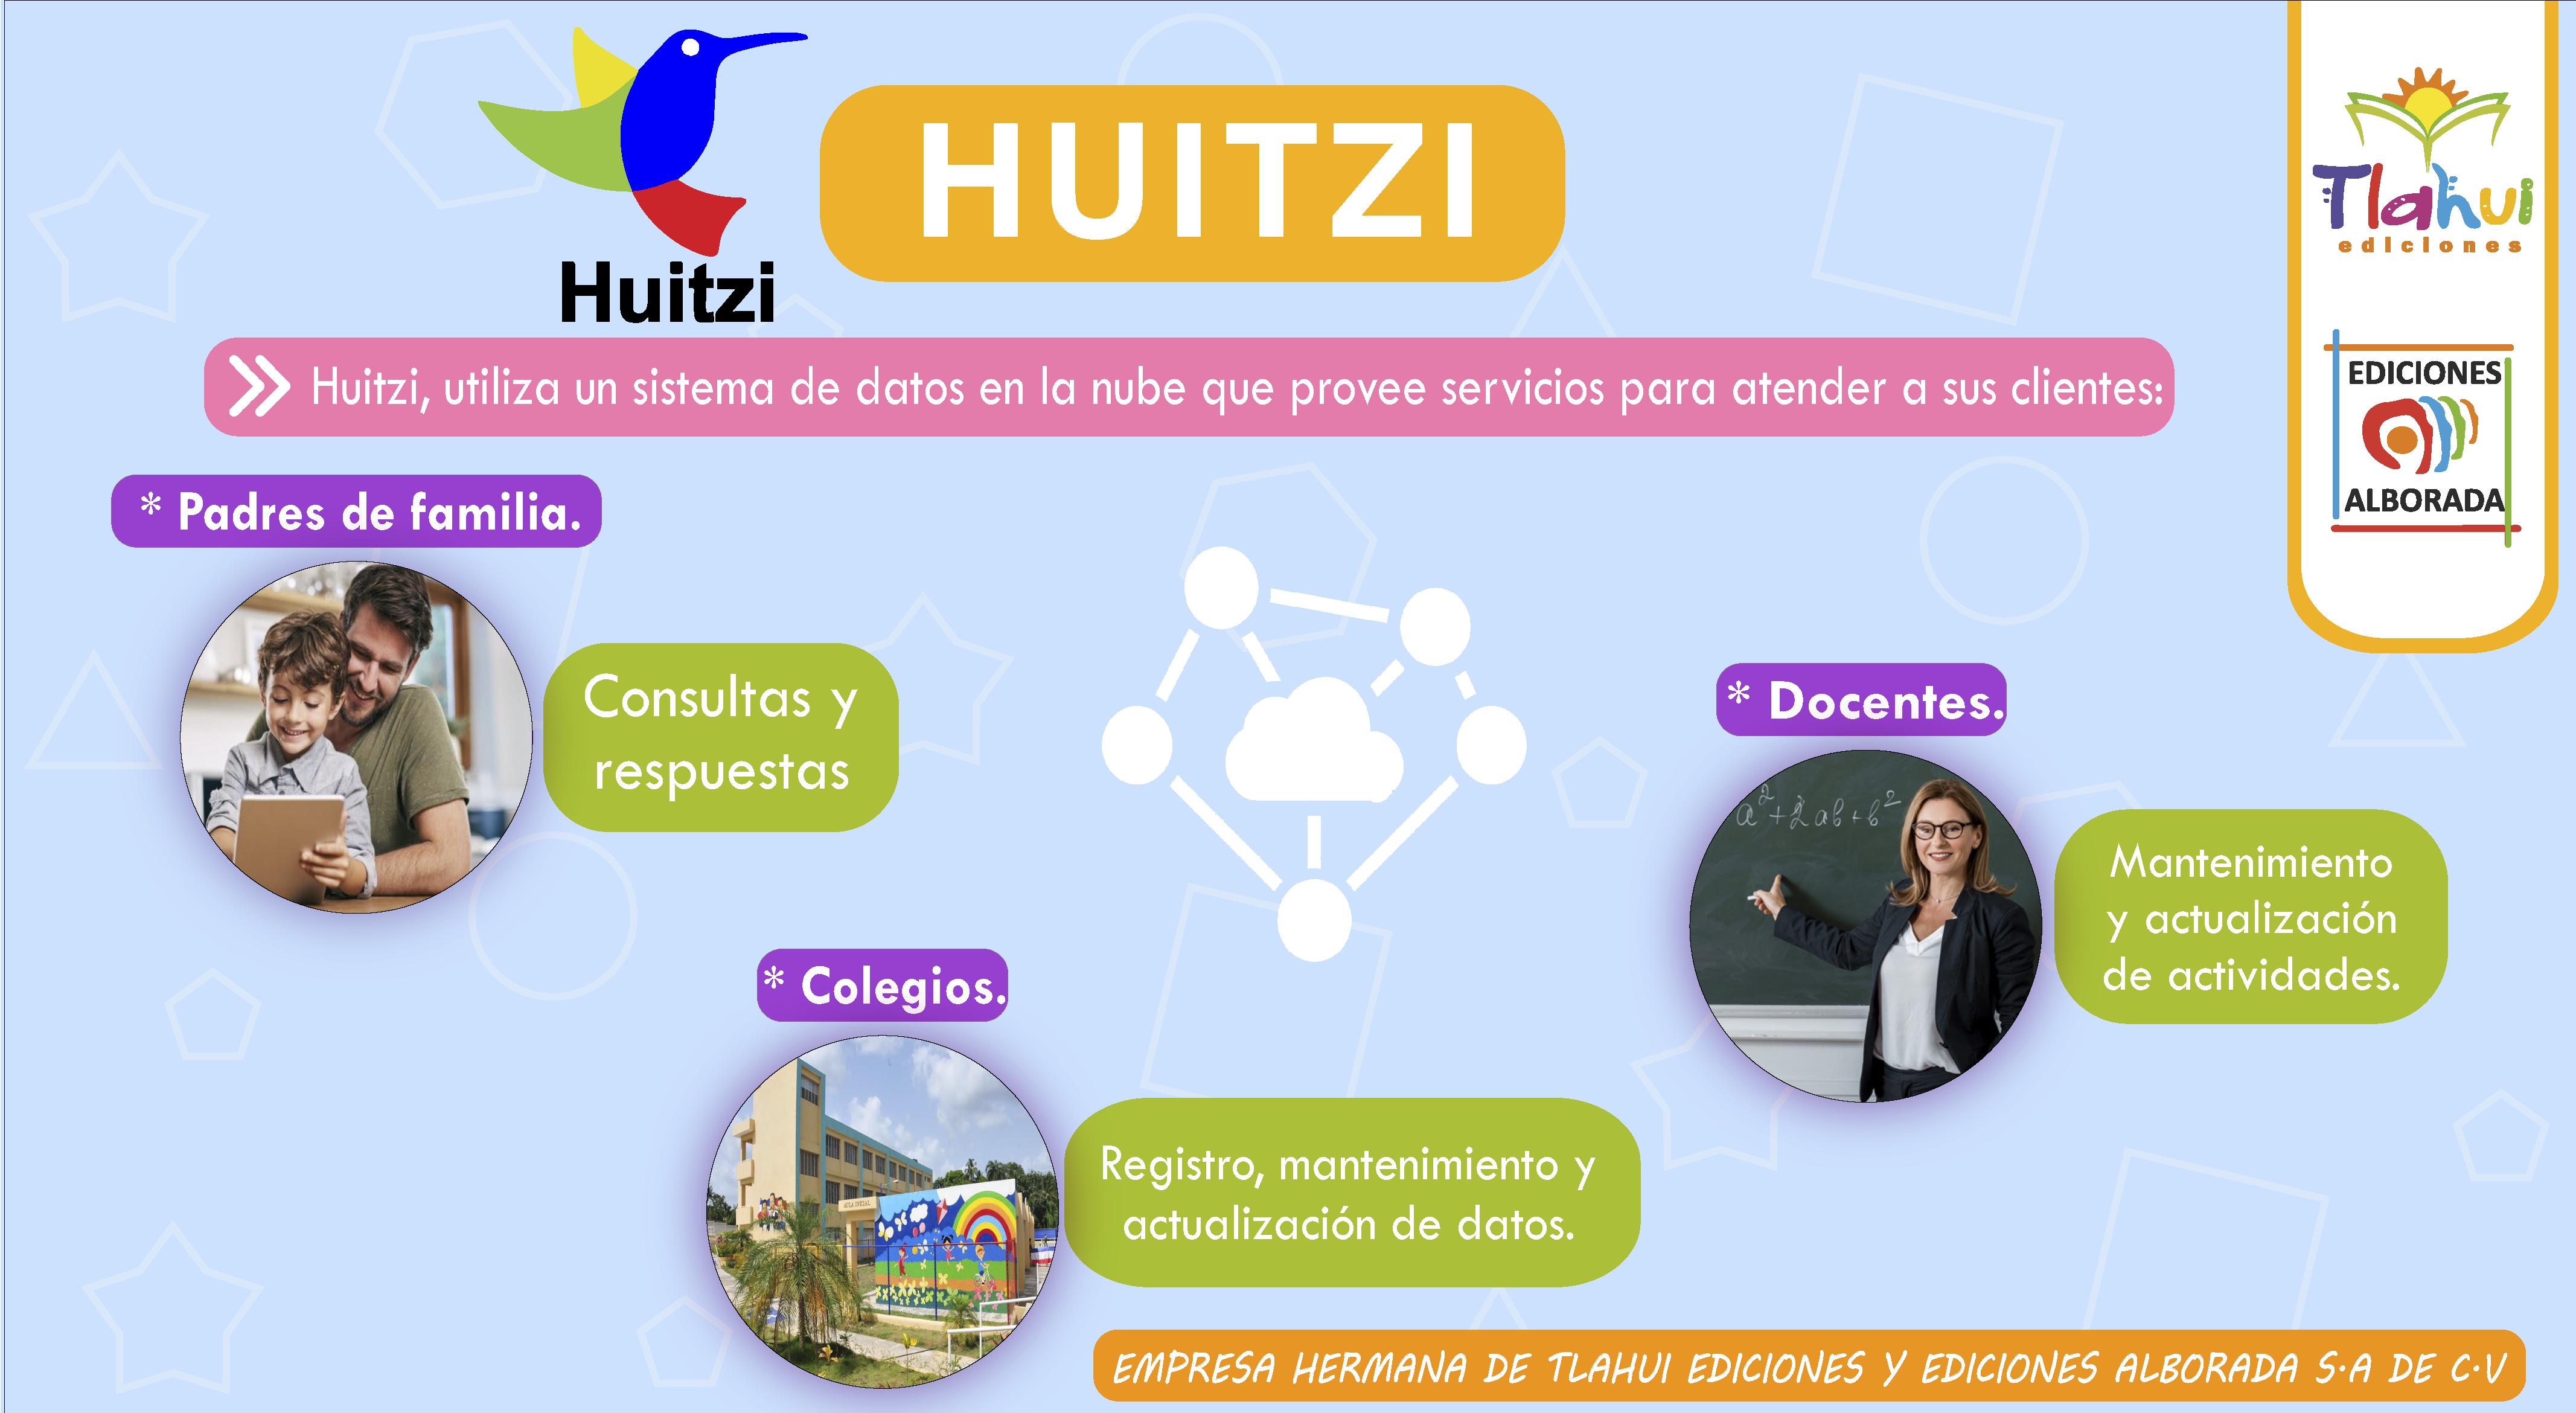 Promocionales_HUITZI_Página_8